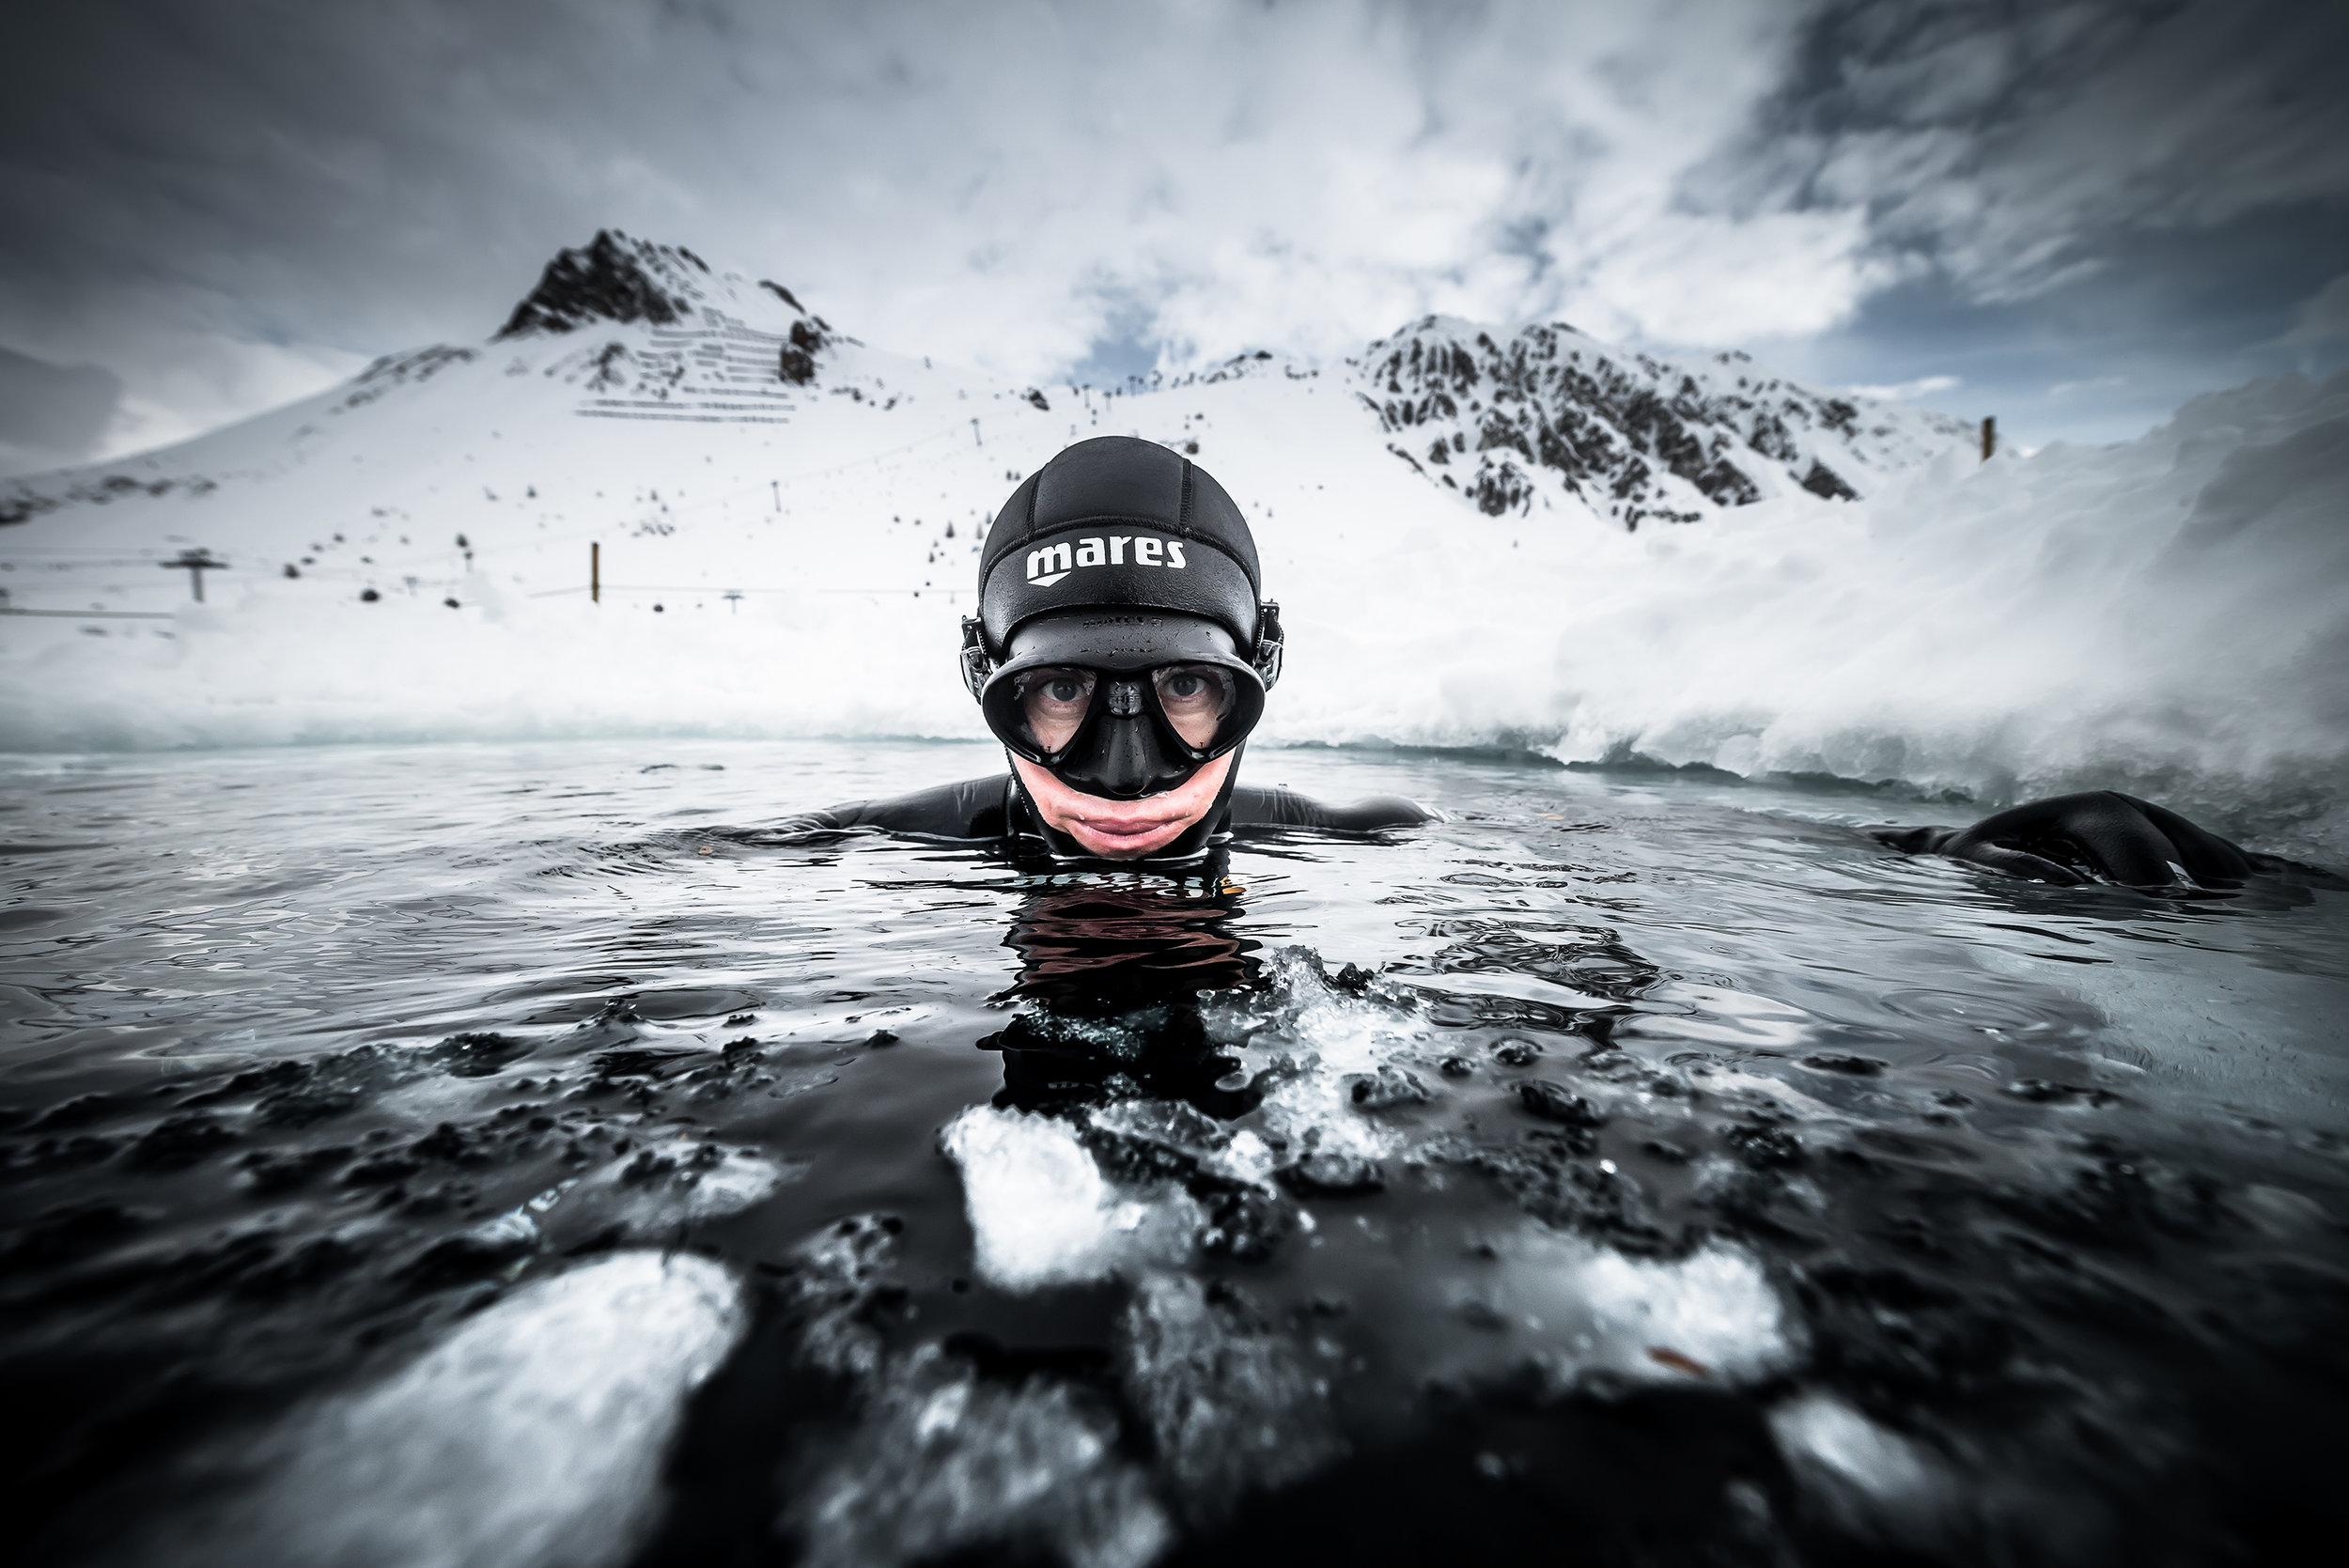 Photo : Andy Parant -  Immersions dans le lac où furent tournées les séquences sous glace du film de Luc besson Le Grand Bleu à 2000m d'altitude, Tignes